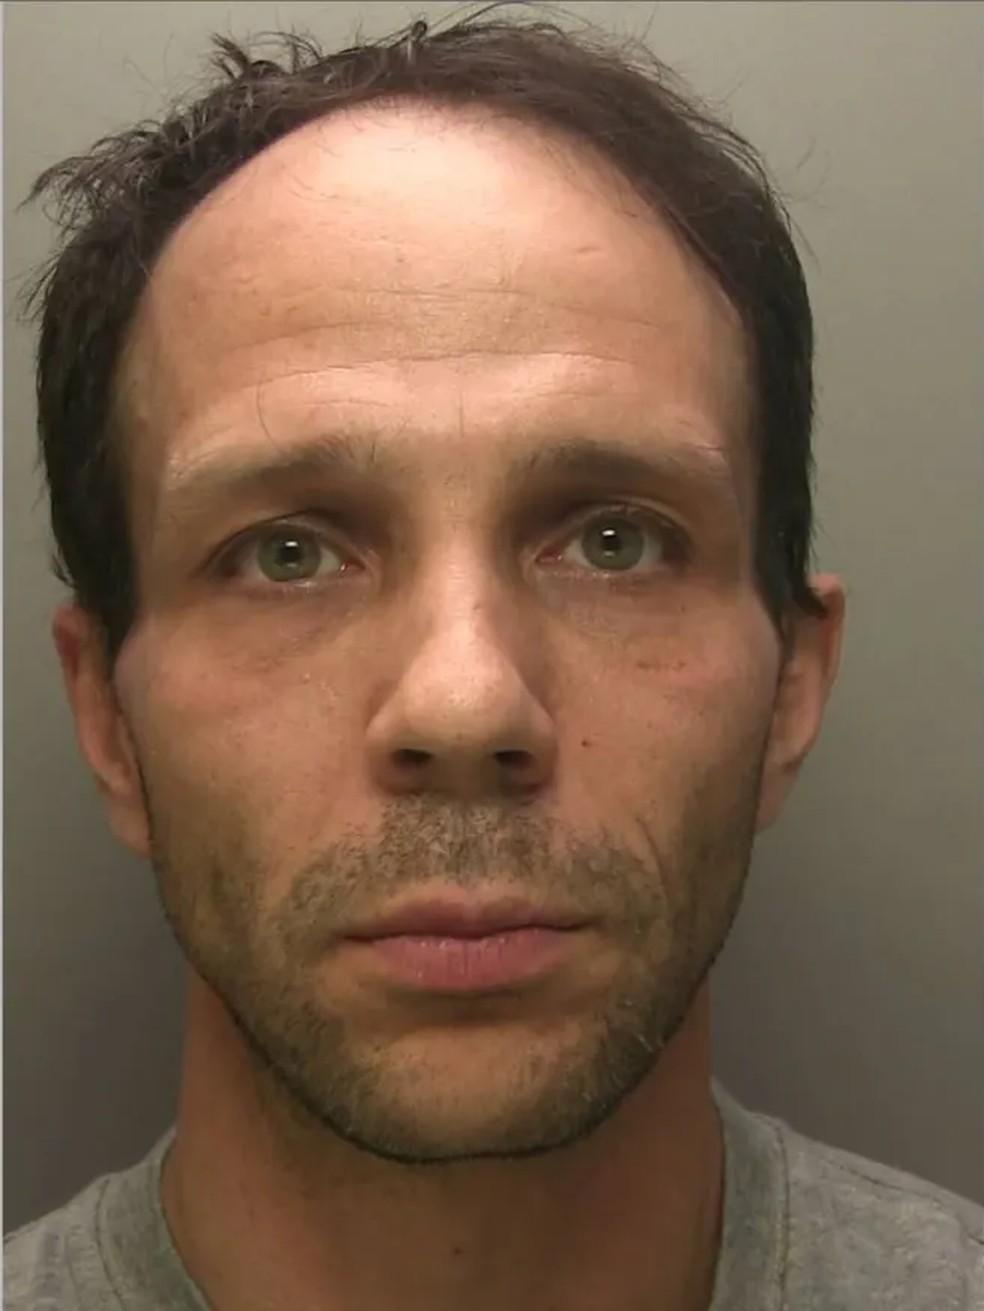 Ricardo Godinho, de 41 anos, foi condenado à prisão perpétua na quinta-feira (18) no Reino Unido, por matar a ex-companheira Aliny Mendes, de 39 anos. — Foto: Reprodução/Polícia de Surrey